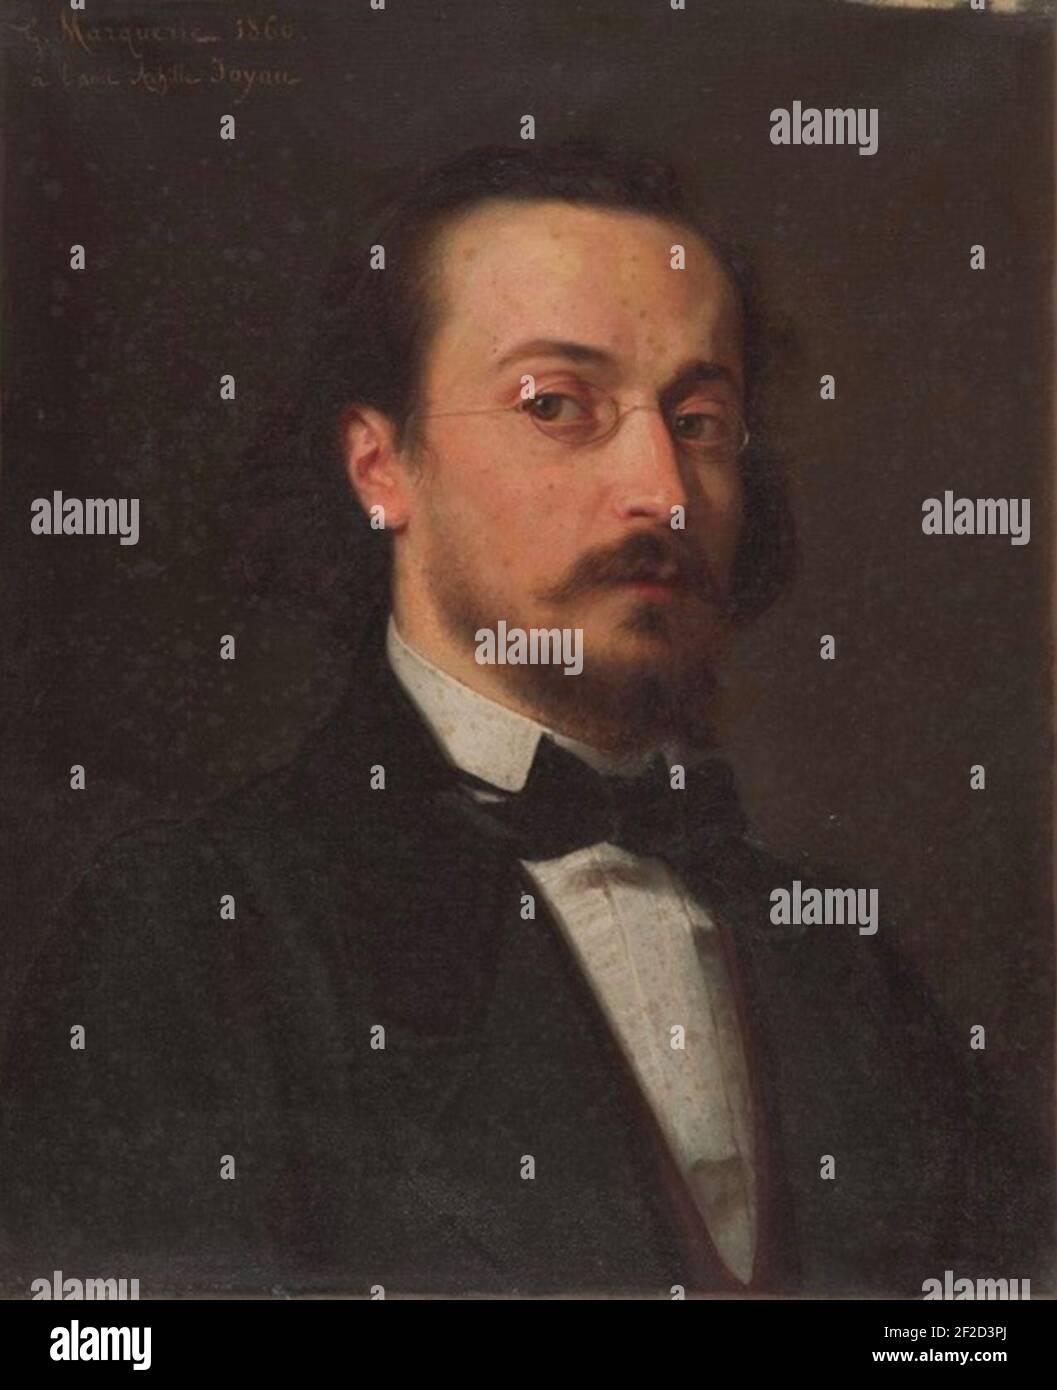 Retrato de l'architecte Achille Joyau. Foto de stock